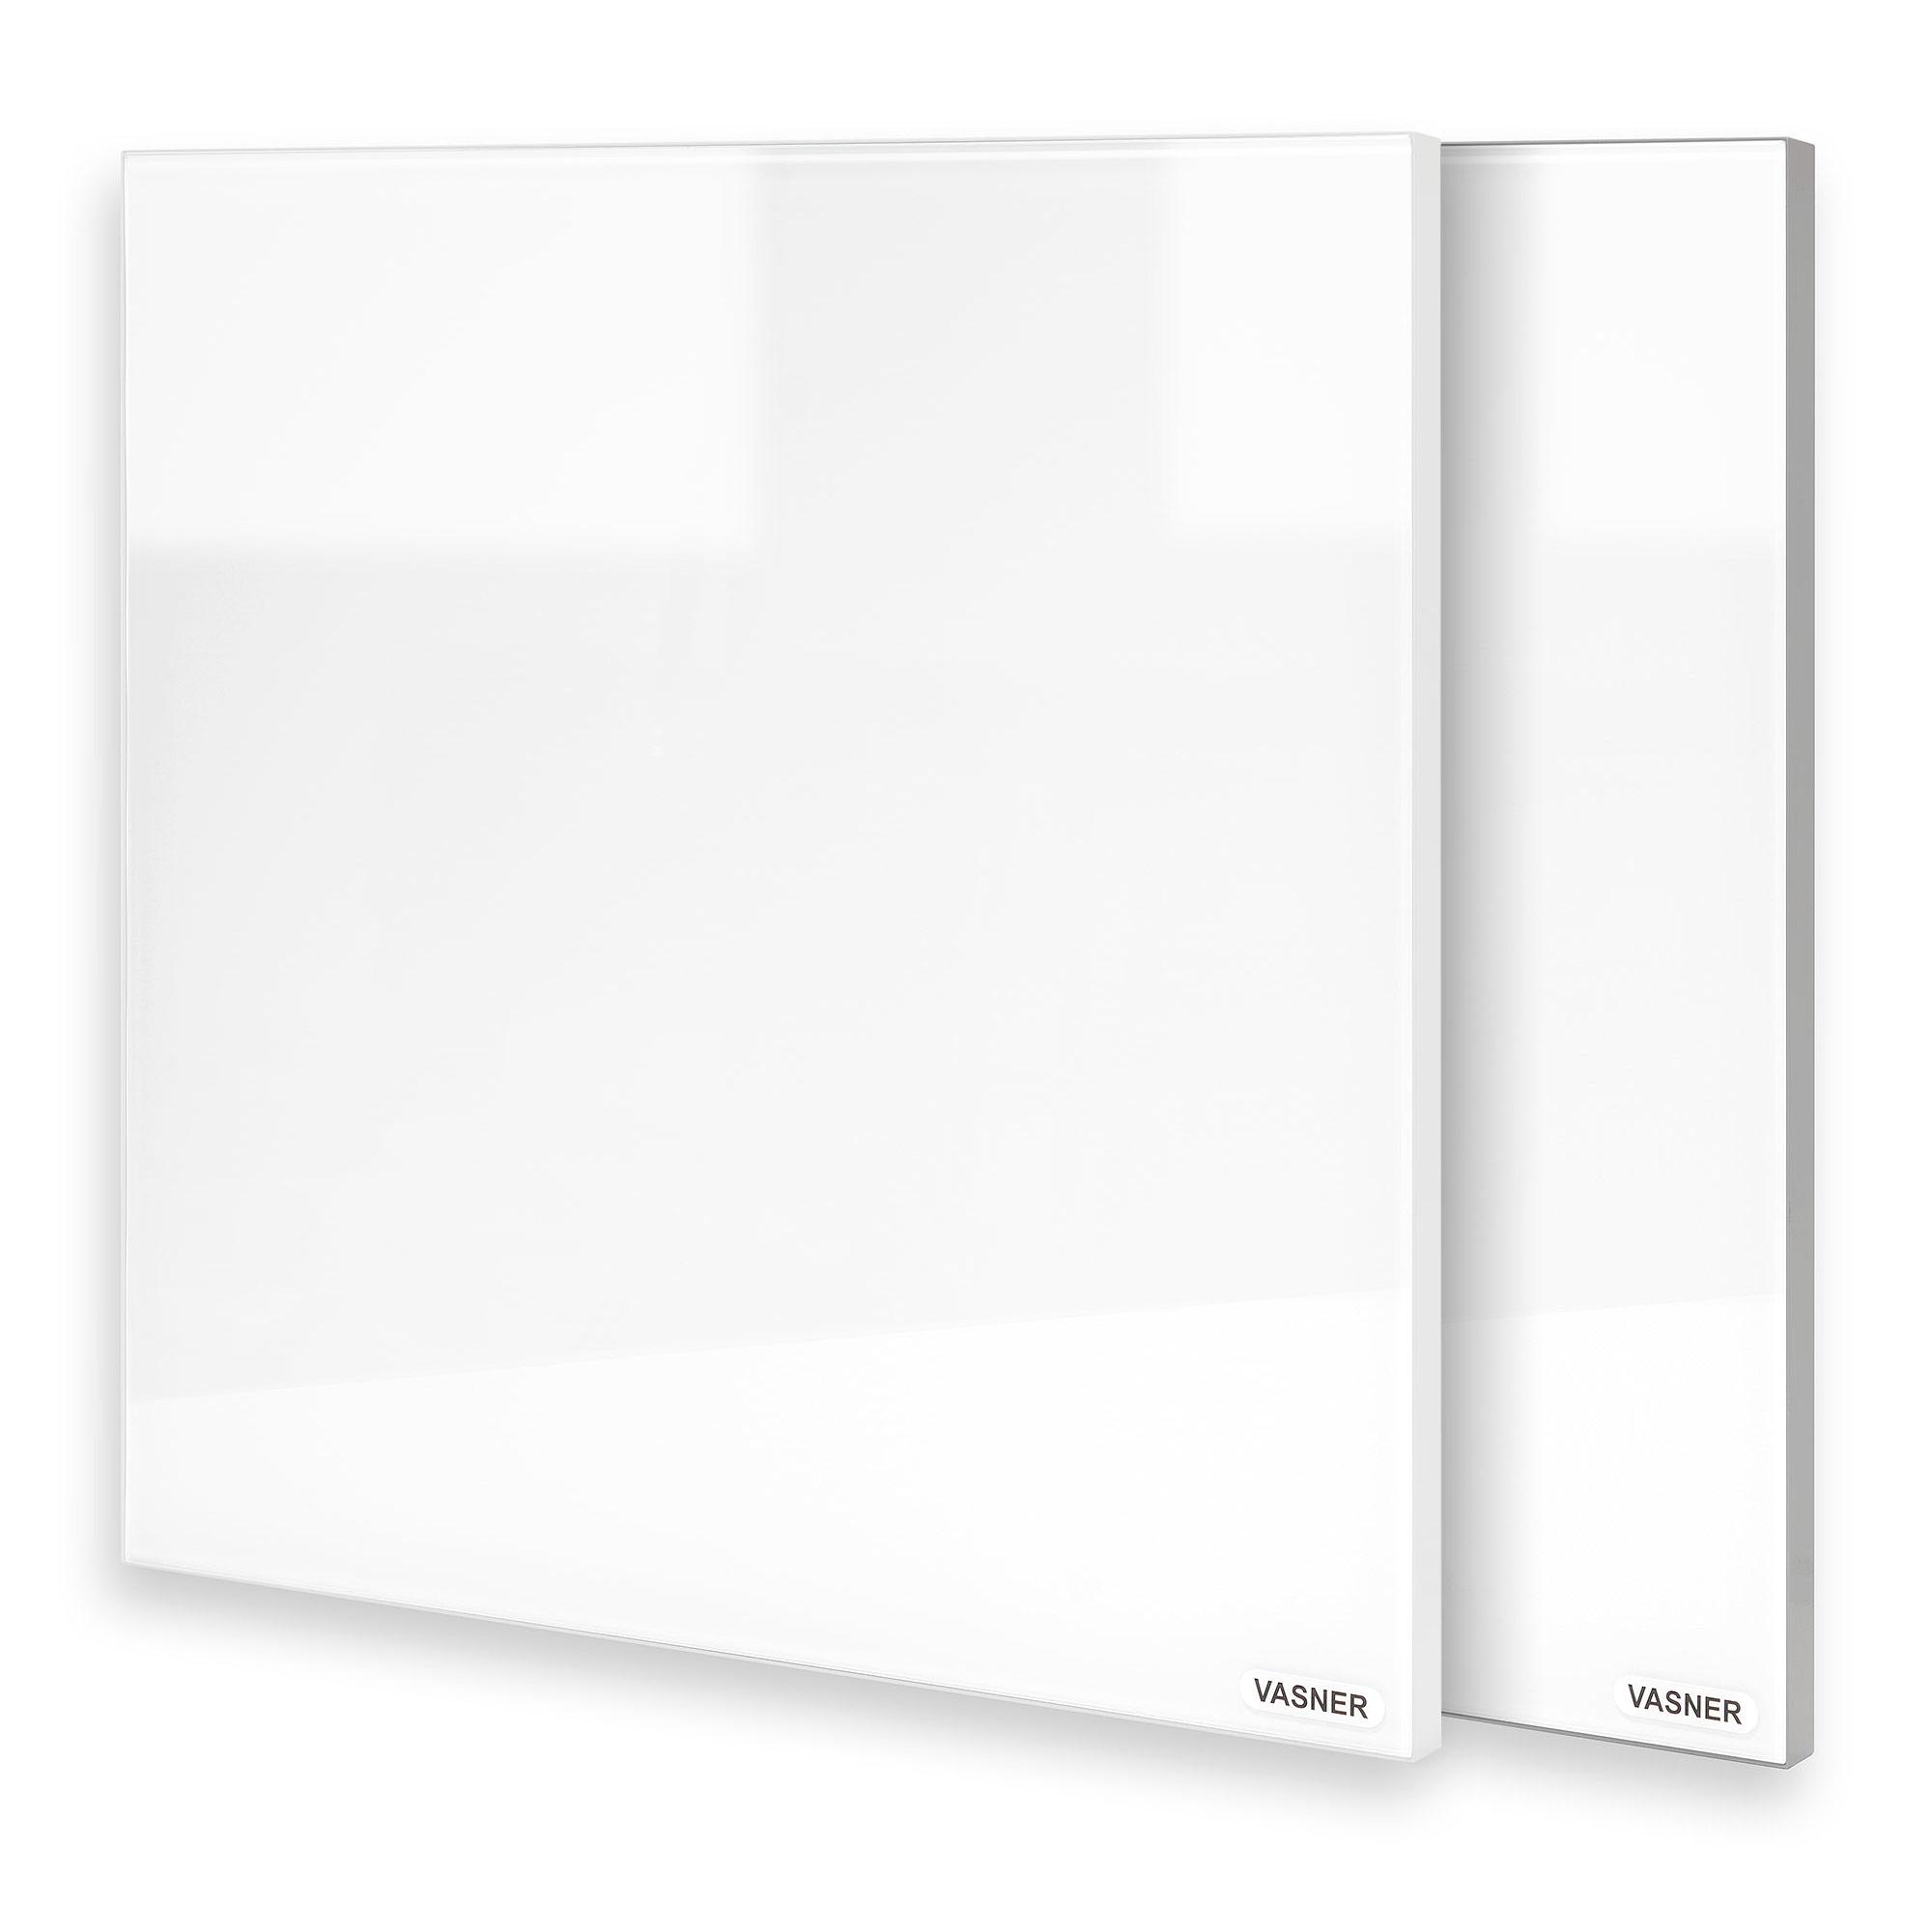 Design Heizkörper Glas mit Rahmen in Weiß & Grau